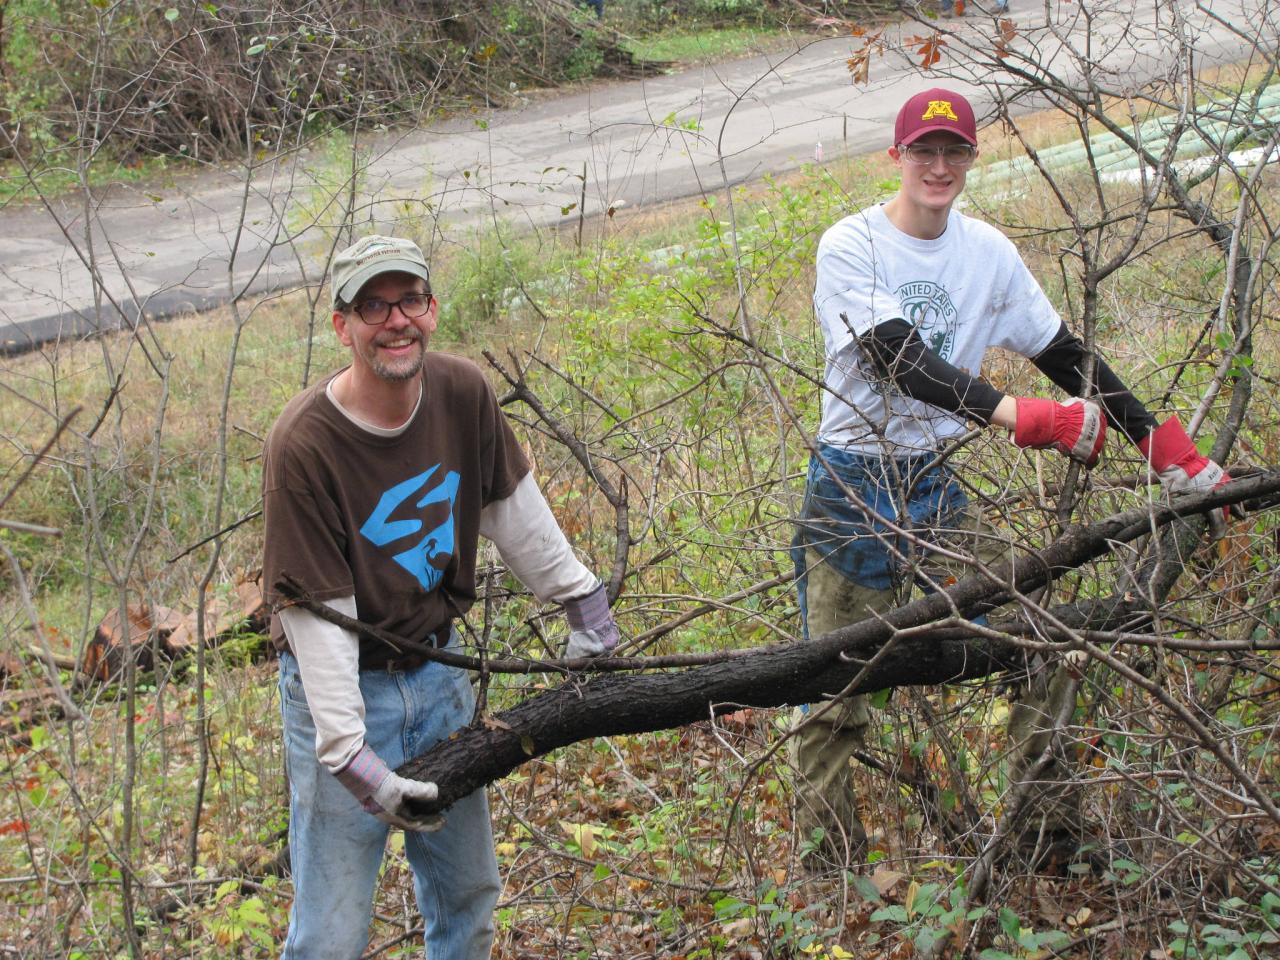 Pine Bend brush haul volunteers